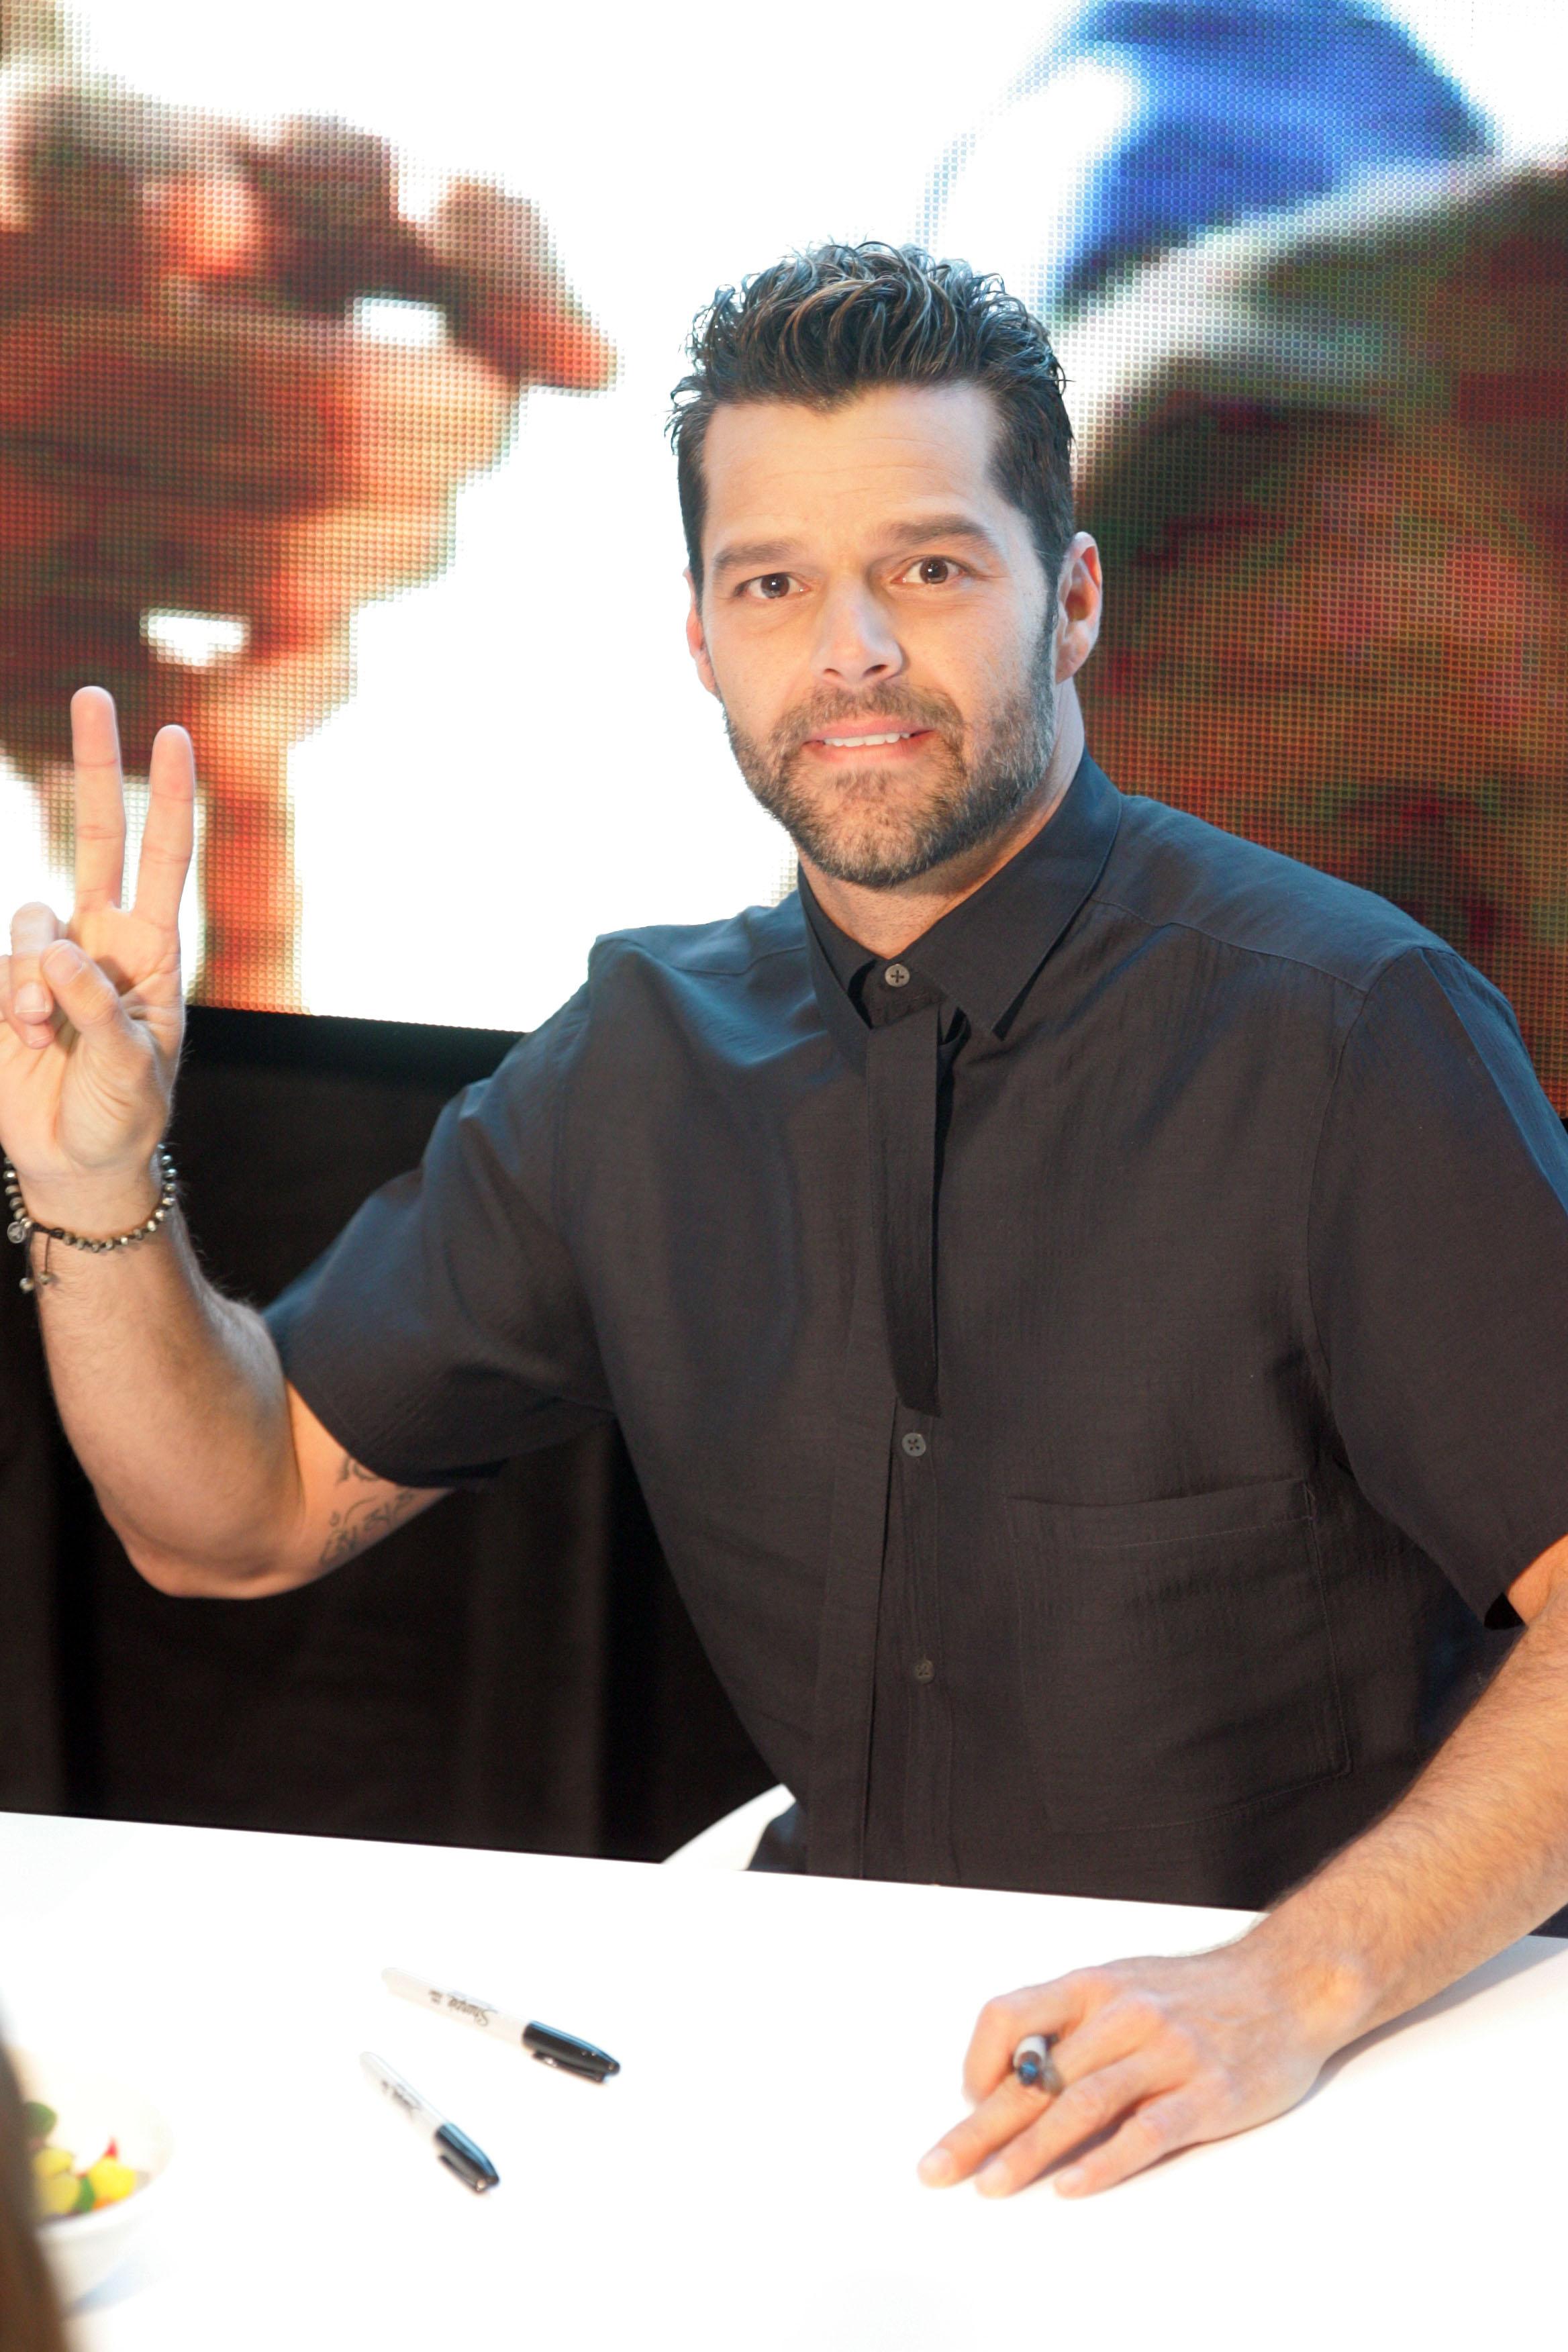 Veja o que saiu no Migalhas sobre Ricky Martin